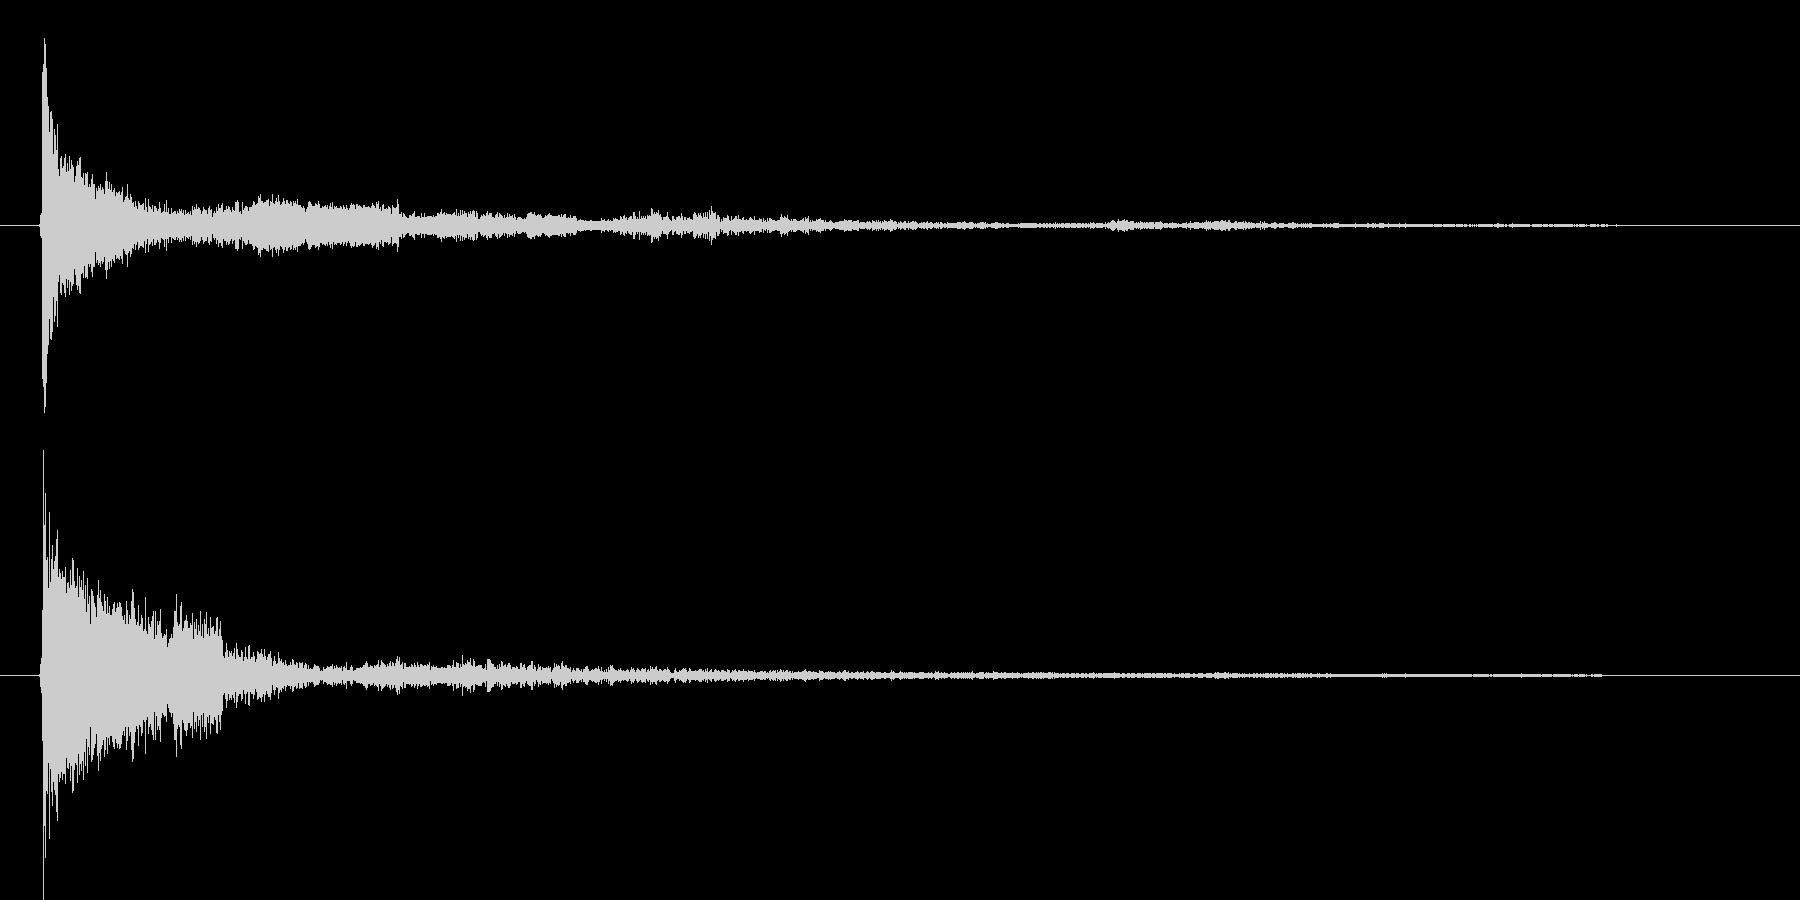 パリーン(ボタンクリック音)の未再生の波形